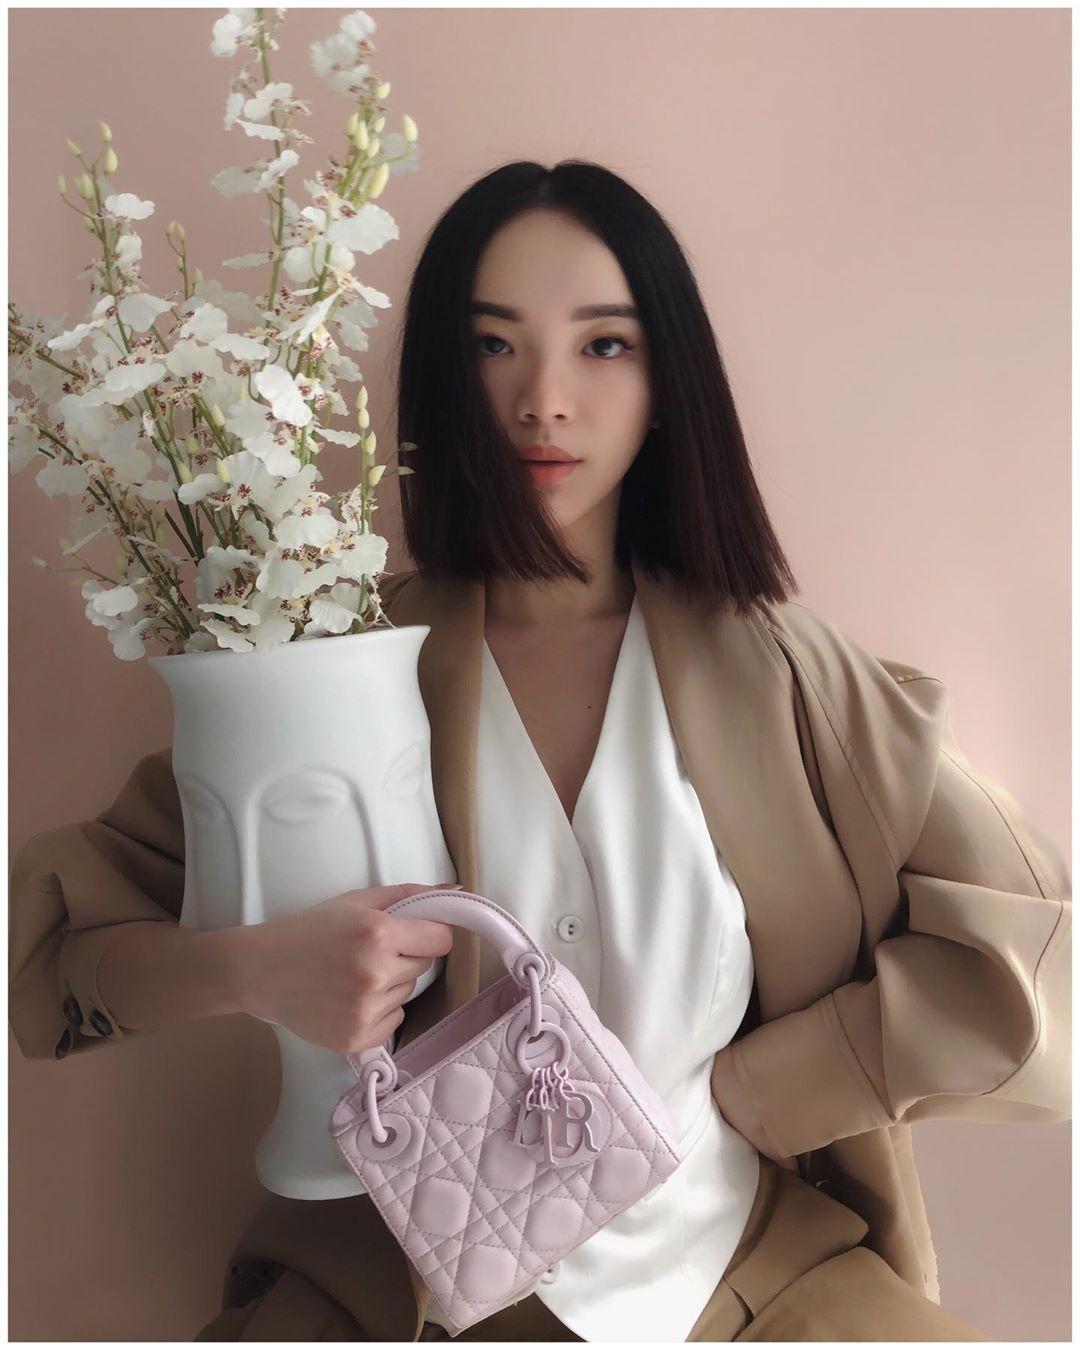 cô gái mặc áo trắng blazer nâu cầm bình bông đeo túi xách hồng dior